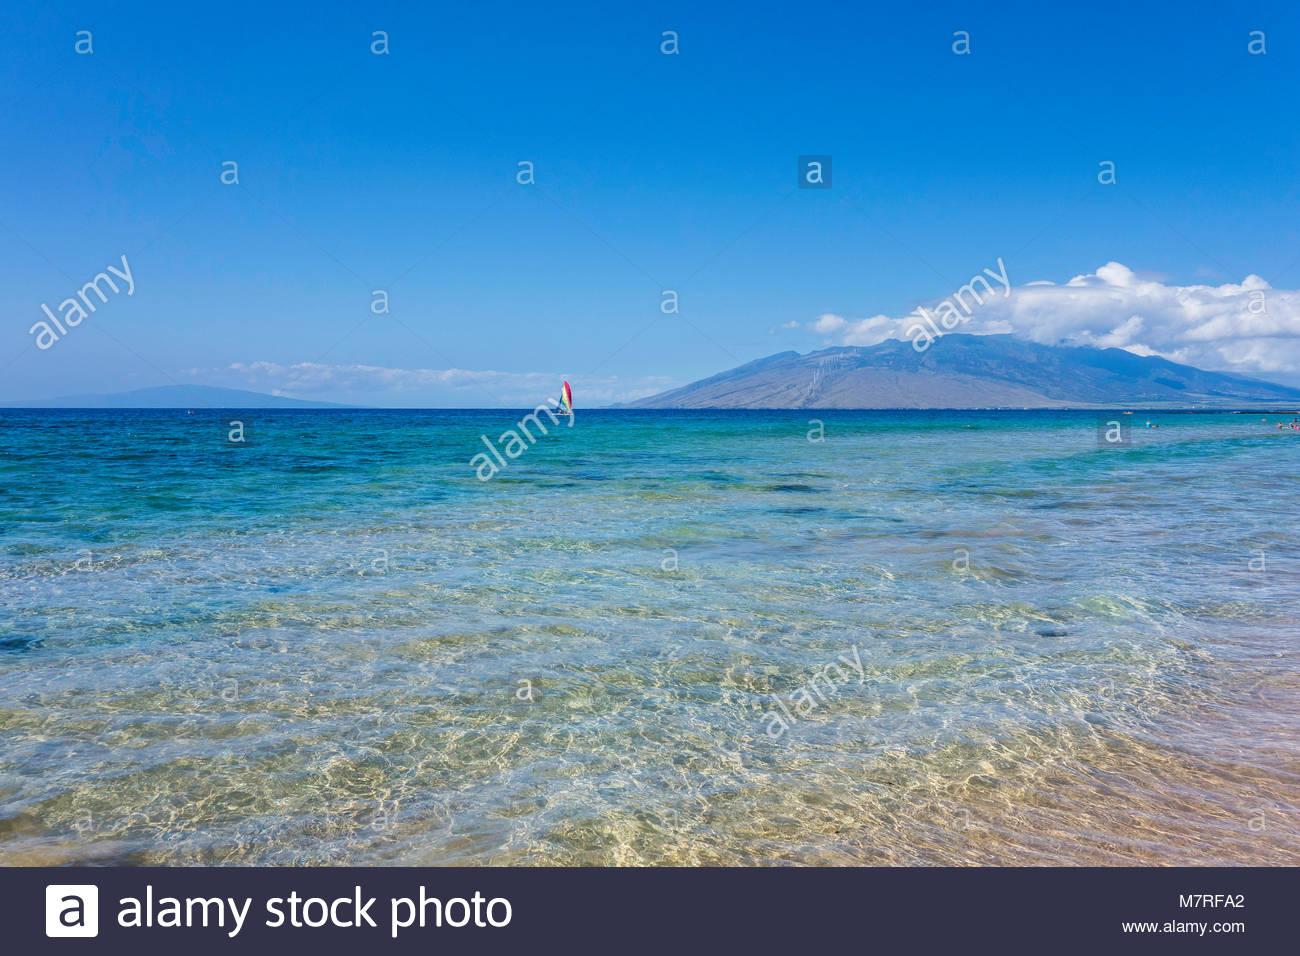 Montagne di West Maui da spiaggia Keawakapu delicata con il surf sull'isola del Pacifico di Maui nello stato Immagini Stock